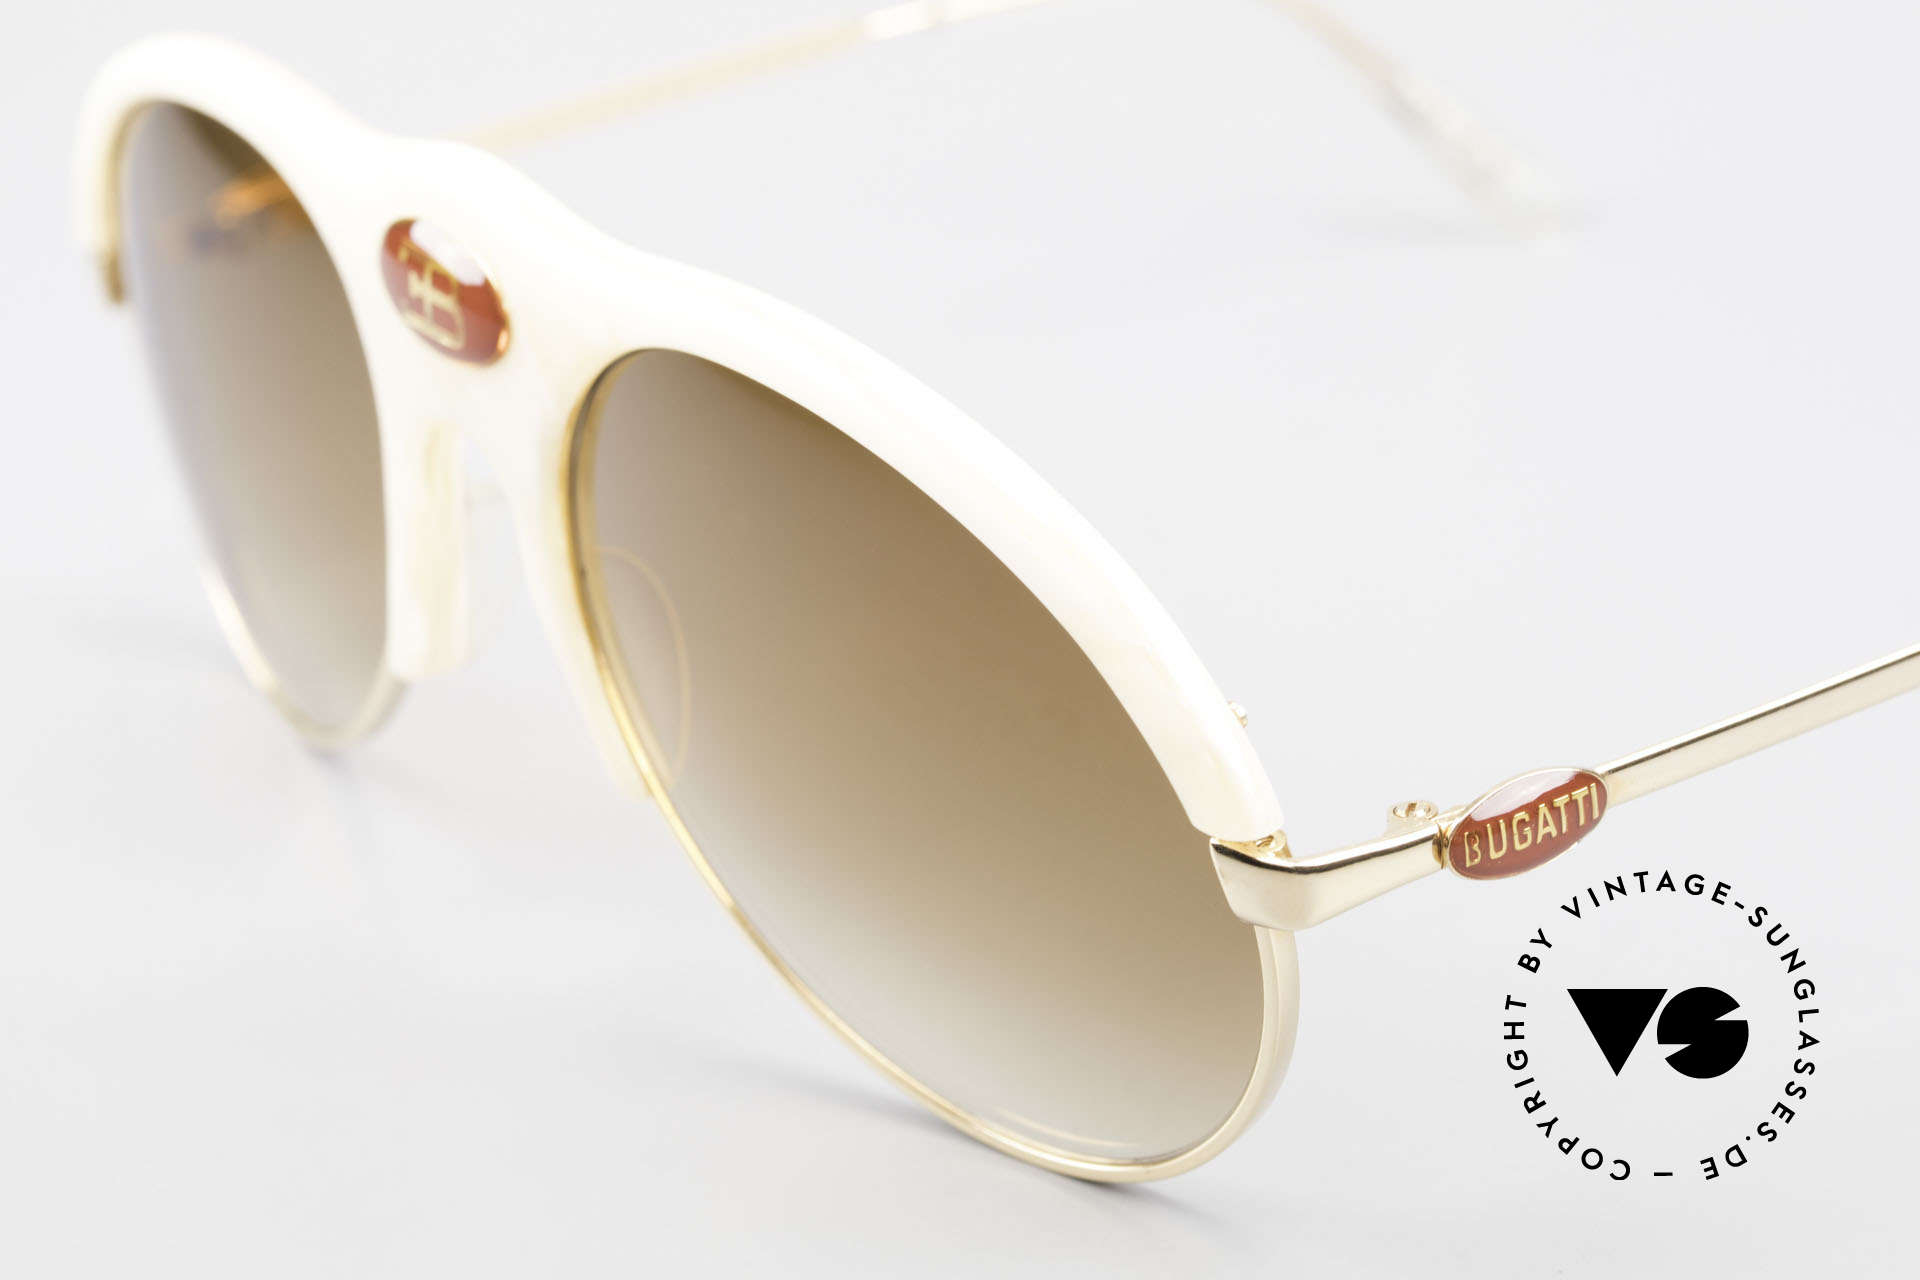 Bugatti 64748 Elfenbein Optik 70er Brille, LARGE Fassung (143mm) mit zentralem Bugatti-Logo, Passend für Herren